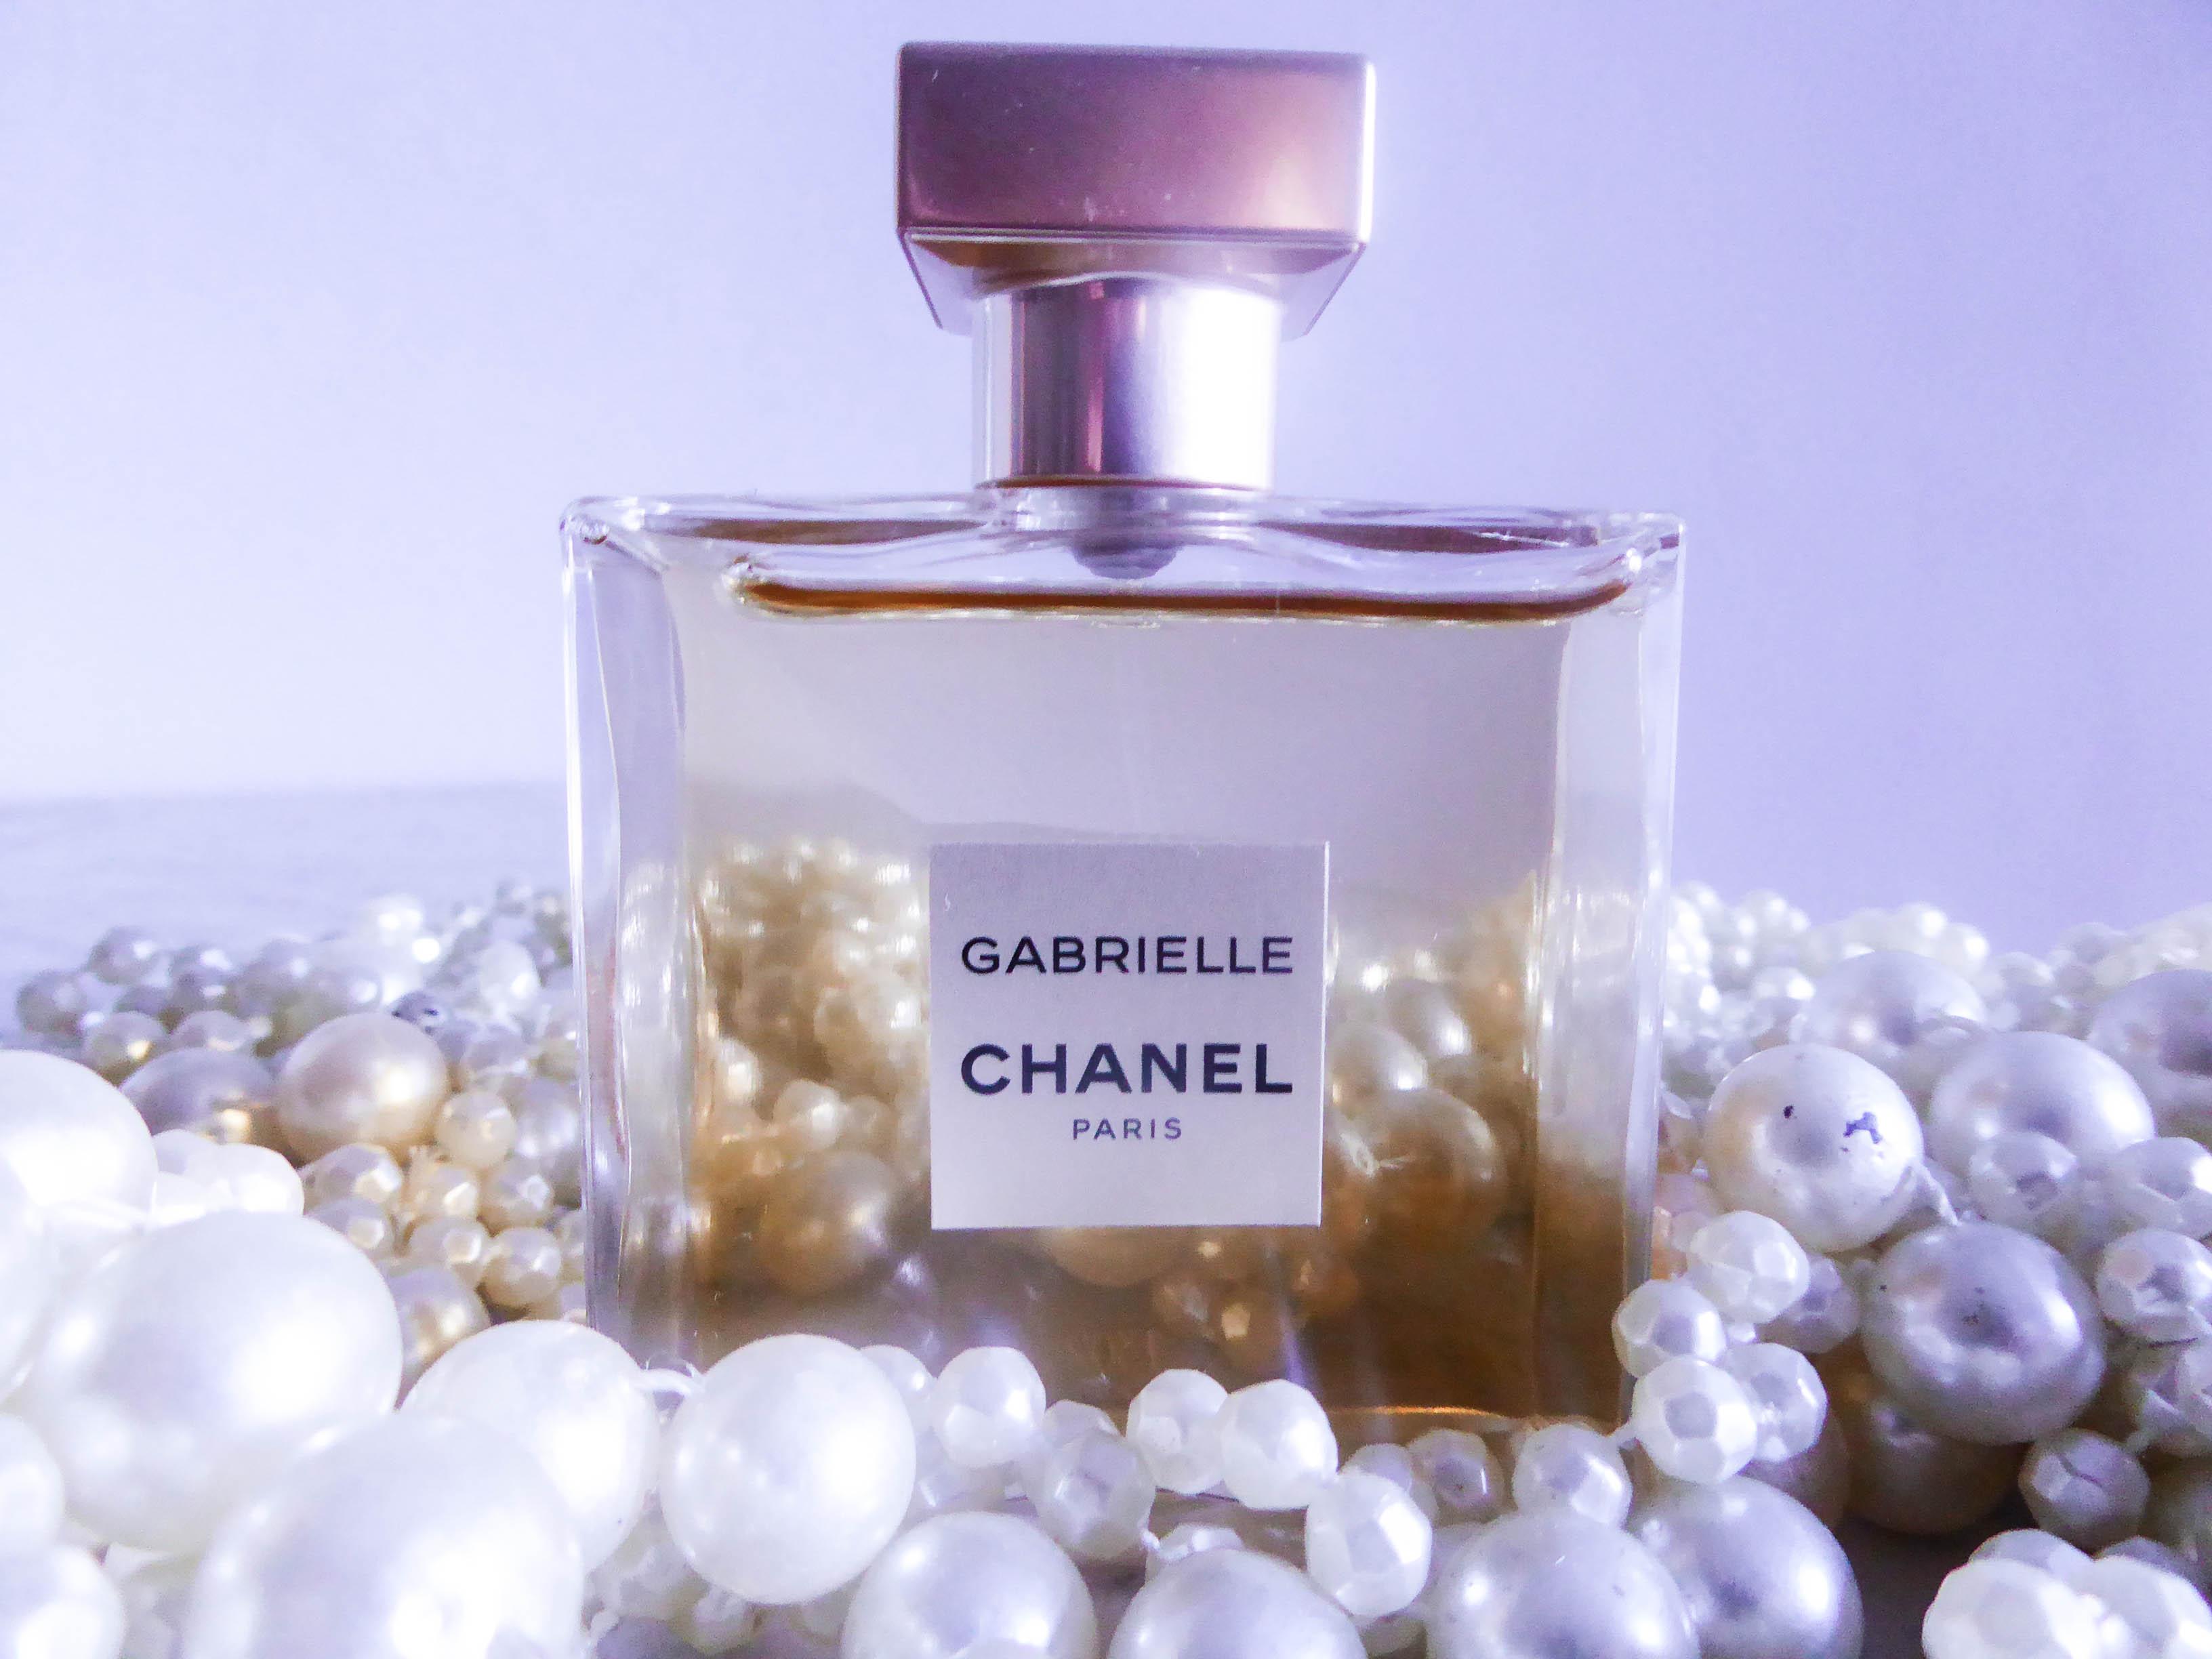 GABRIELLE CHANEL Neuer Chanel-Duft